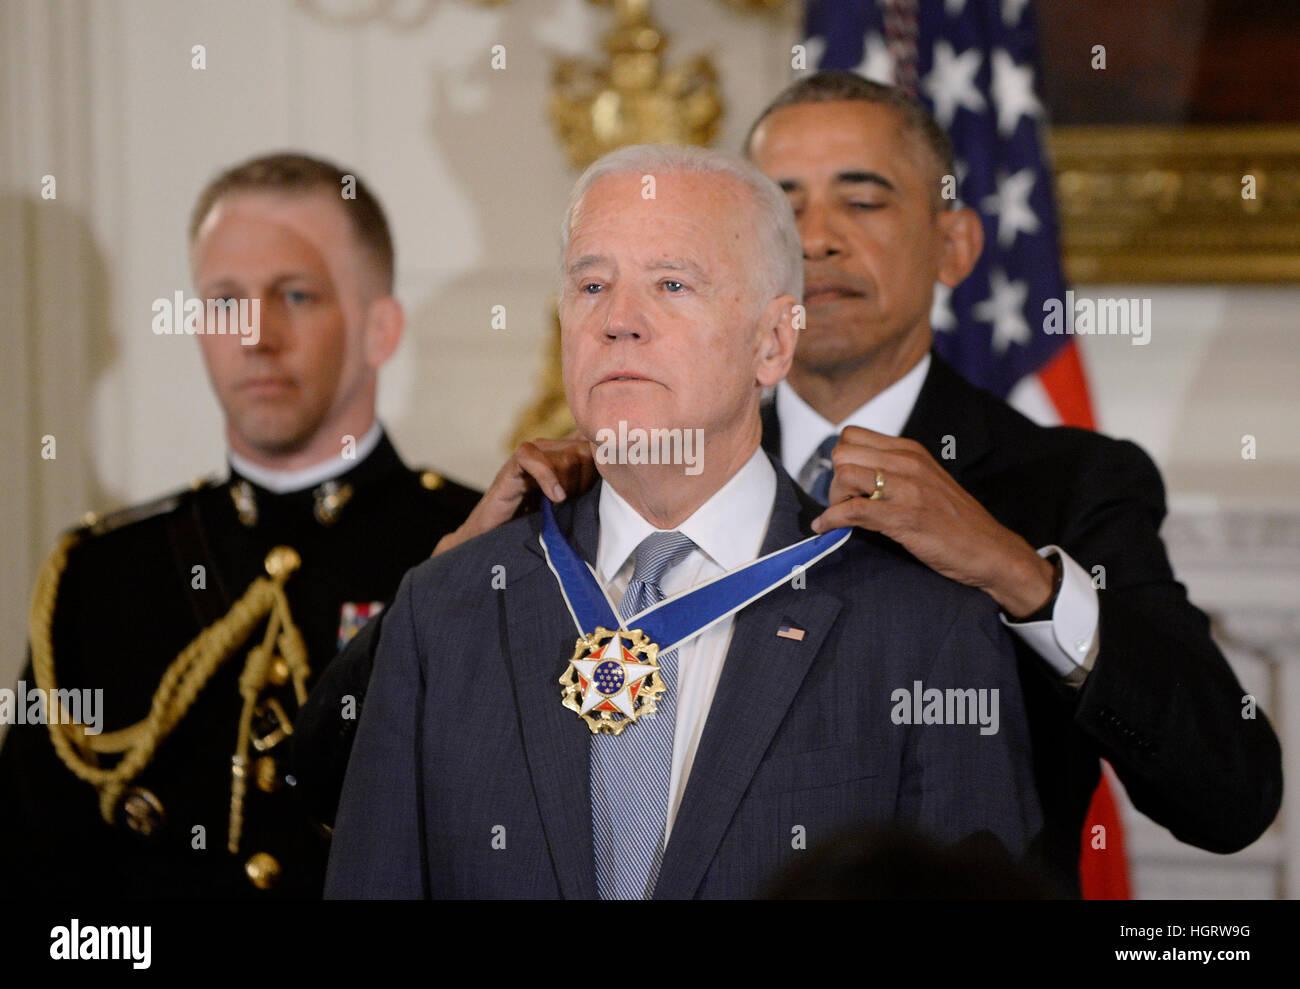 Washington DC, USA. 12 Jan, 2017. Le président des États-Unis Barack Obama remet la Médaille de la liberté pour Banque D'Images